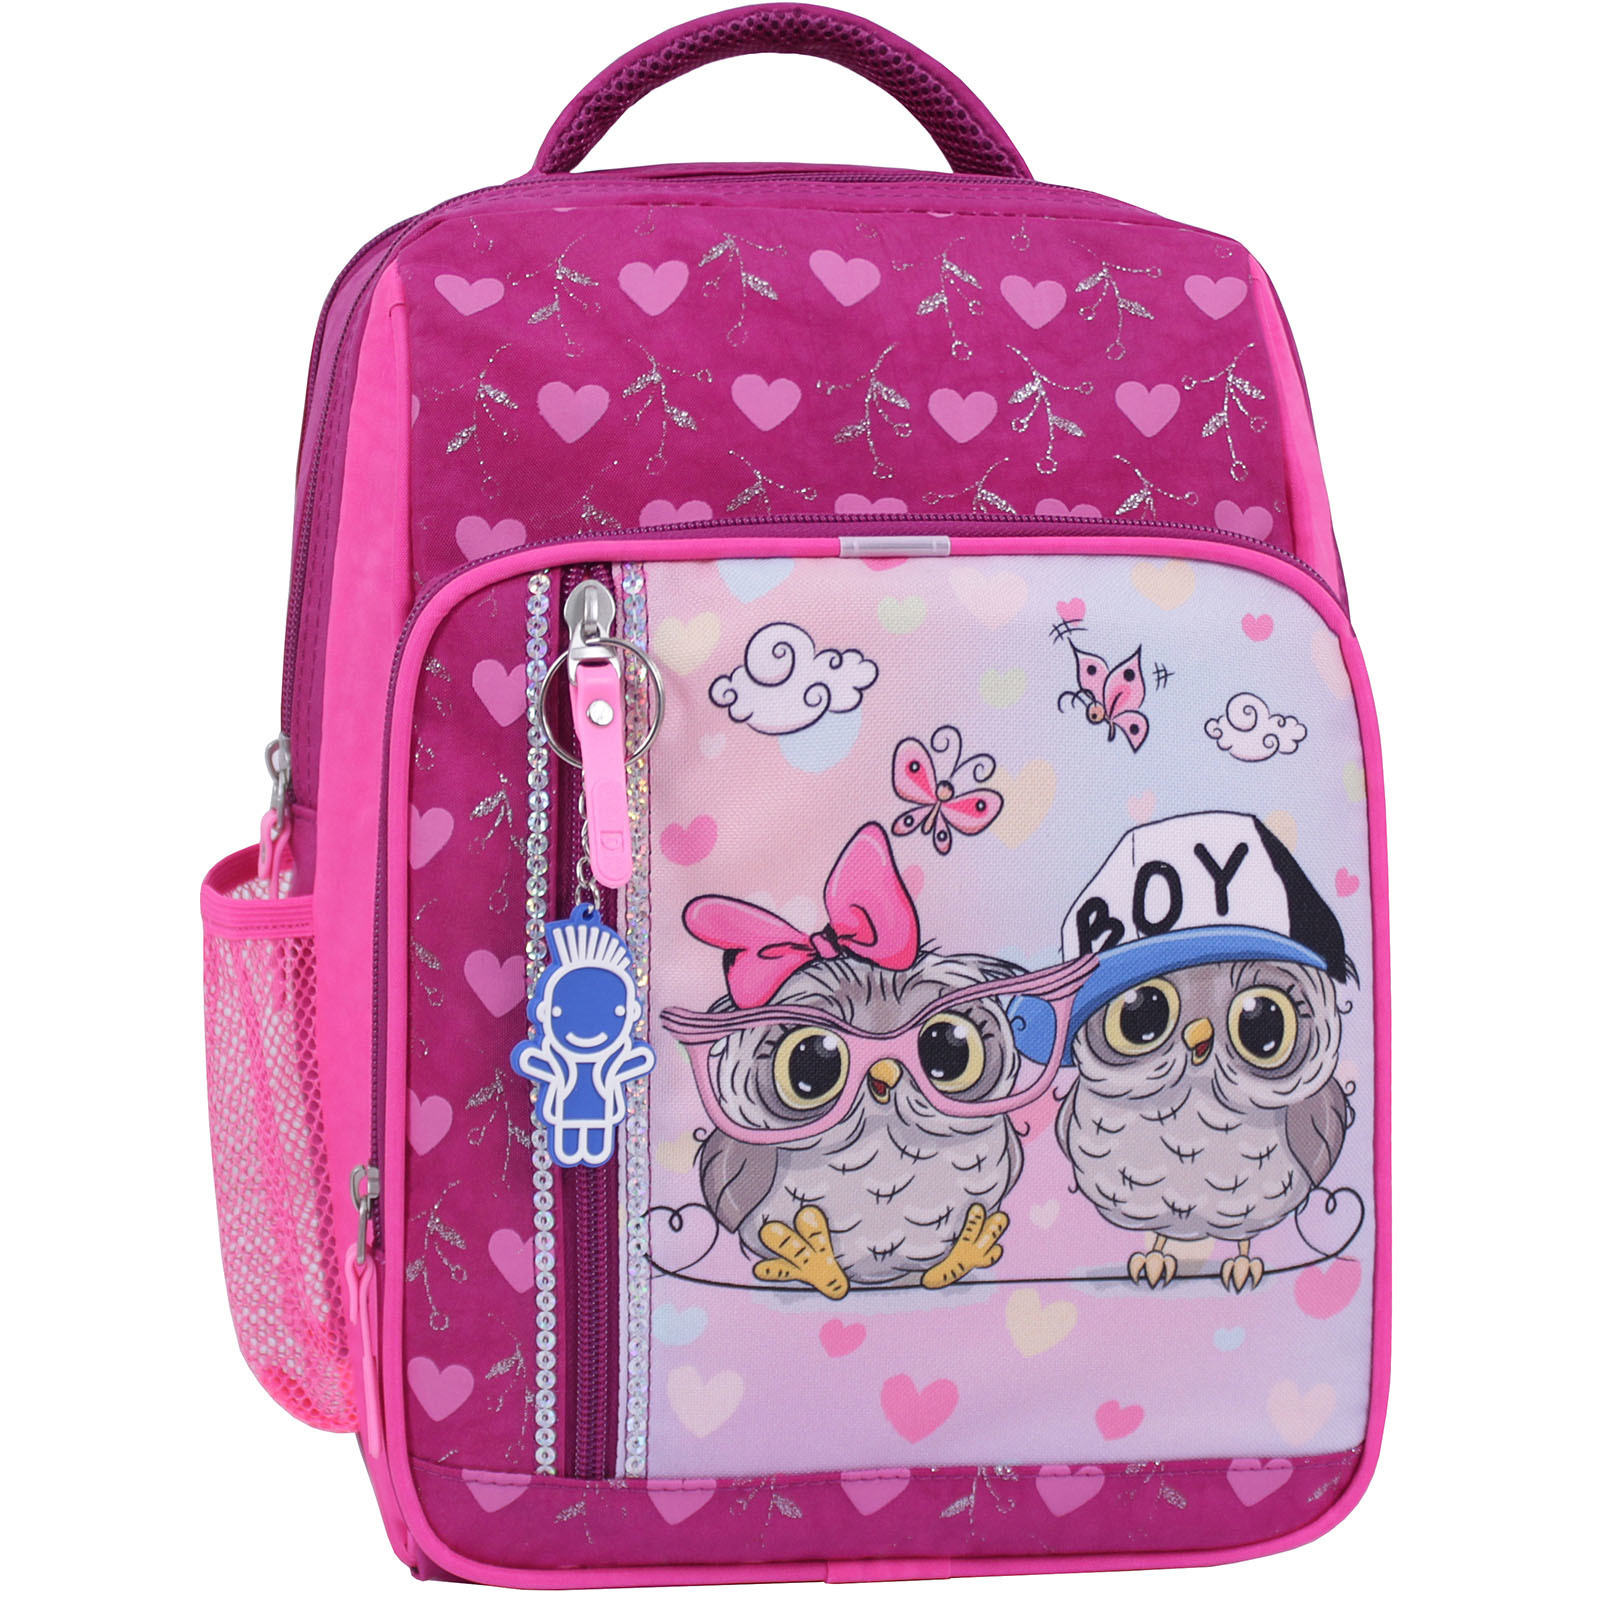 Детские рюкзаки Рюкзак школьный Bagland Школьник 8 л. 143 малиновый 515 (0012870) IMG_0500_суб.515_.JPG